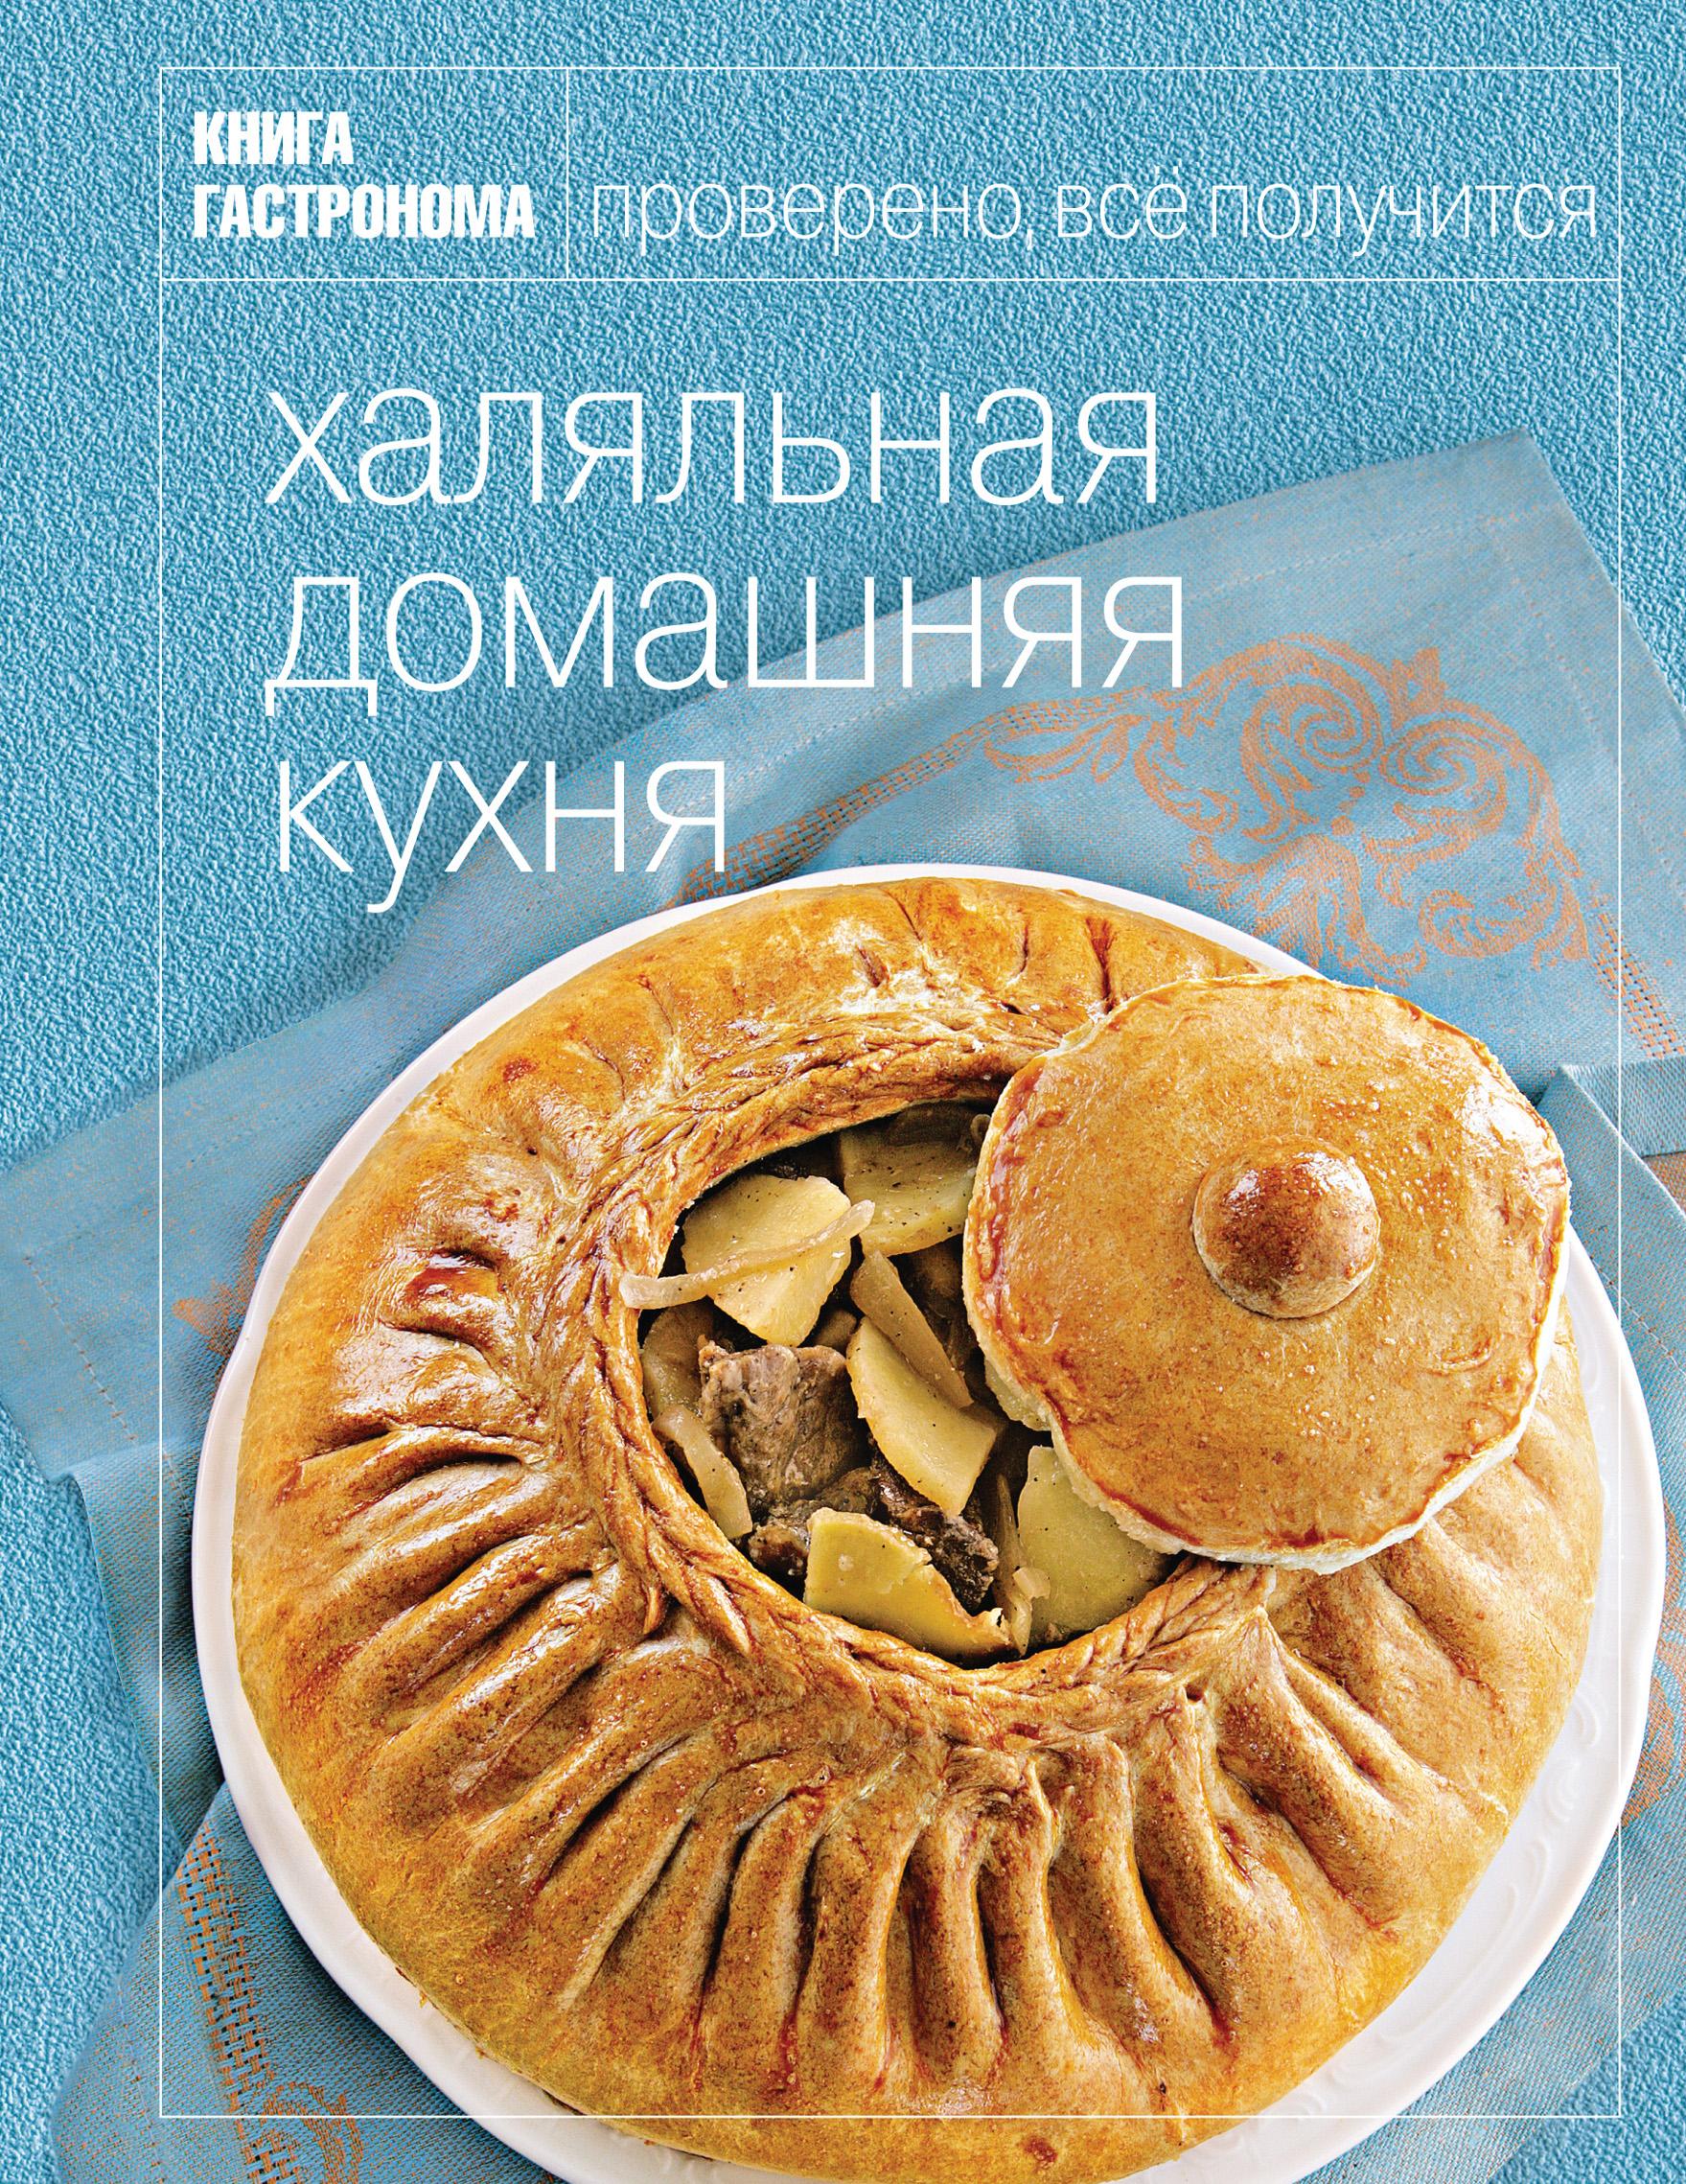 Книга Гастронома Халяльная домашняя кухня от book24.ru